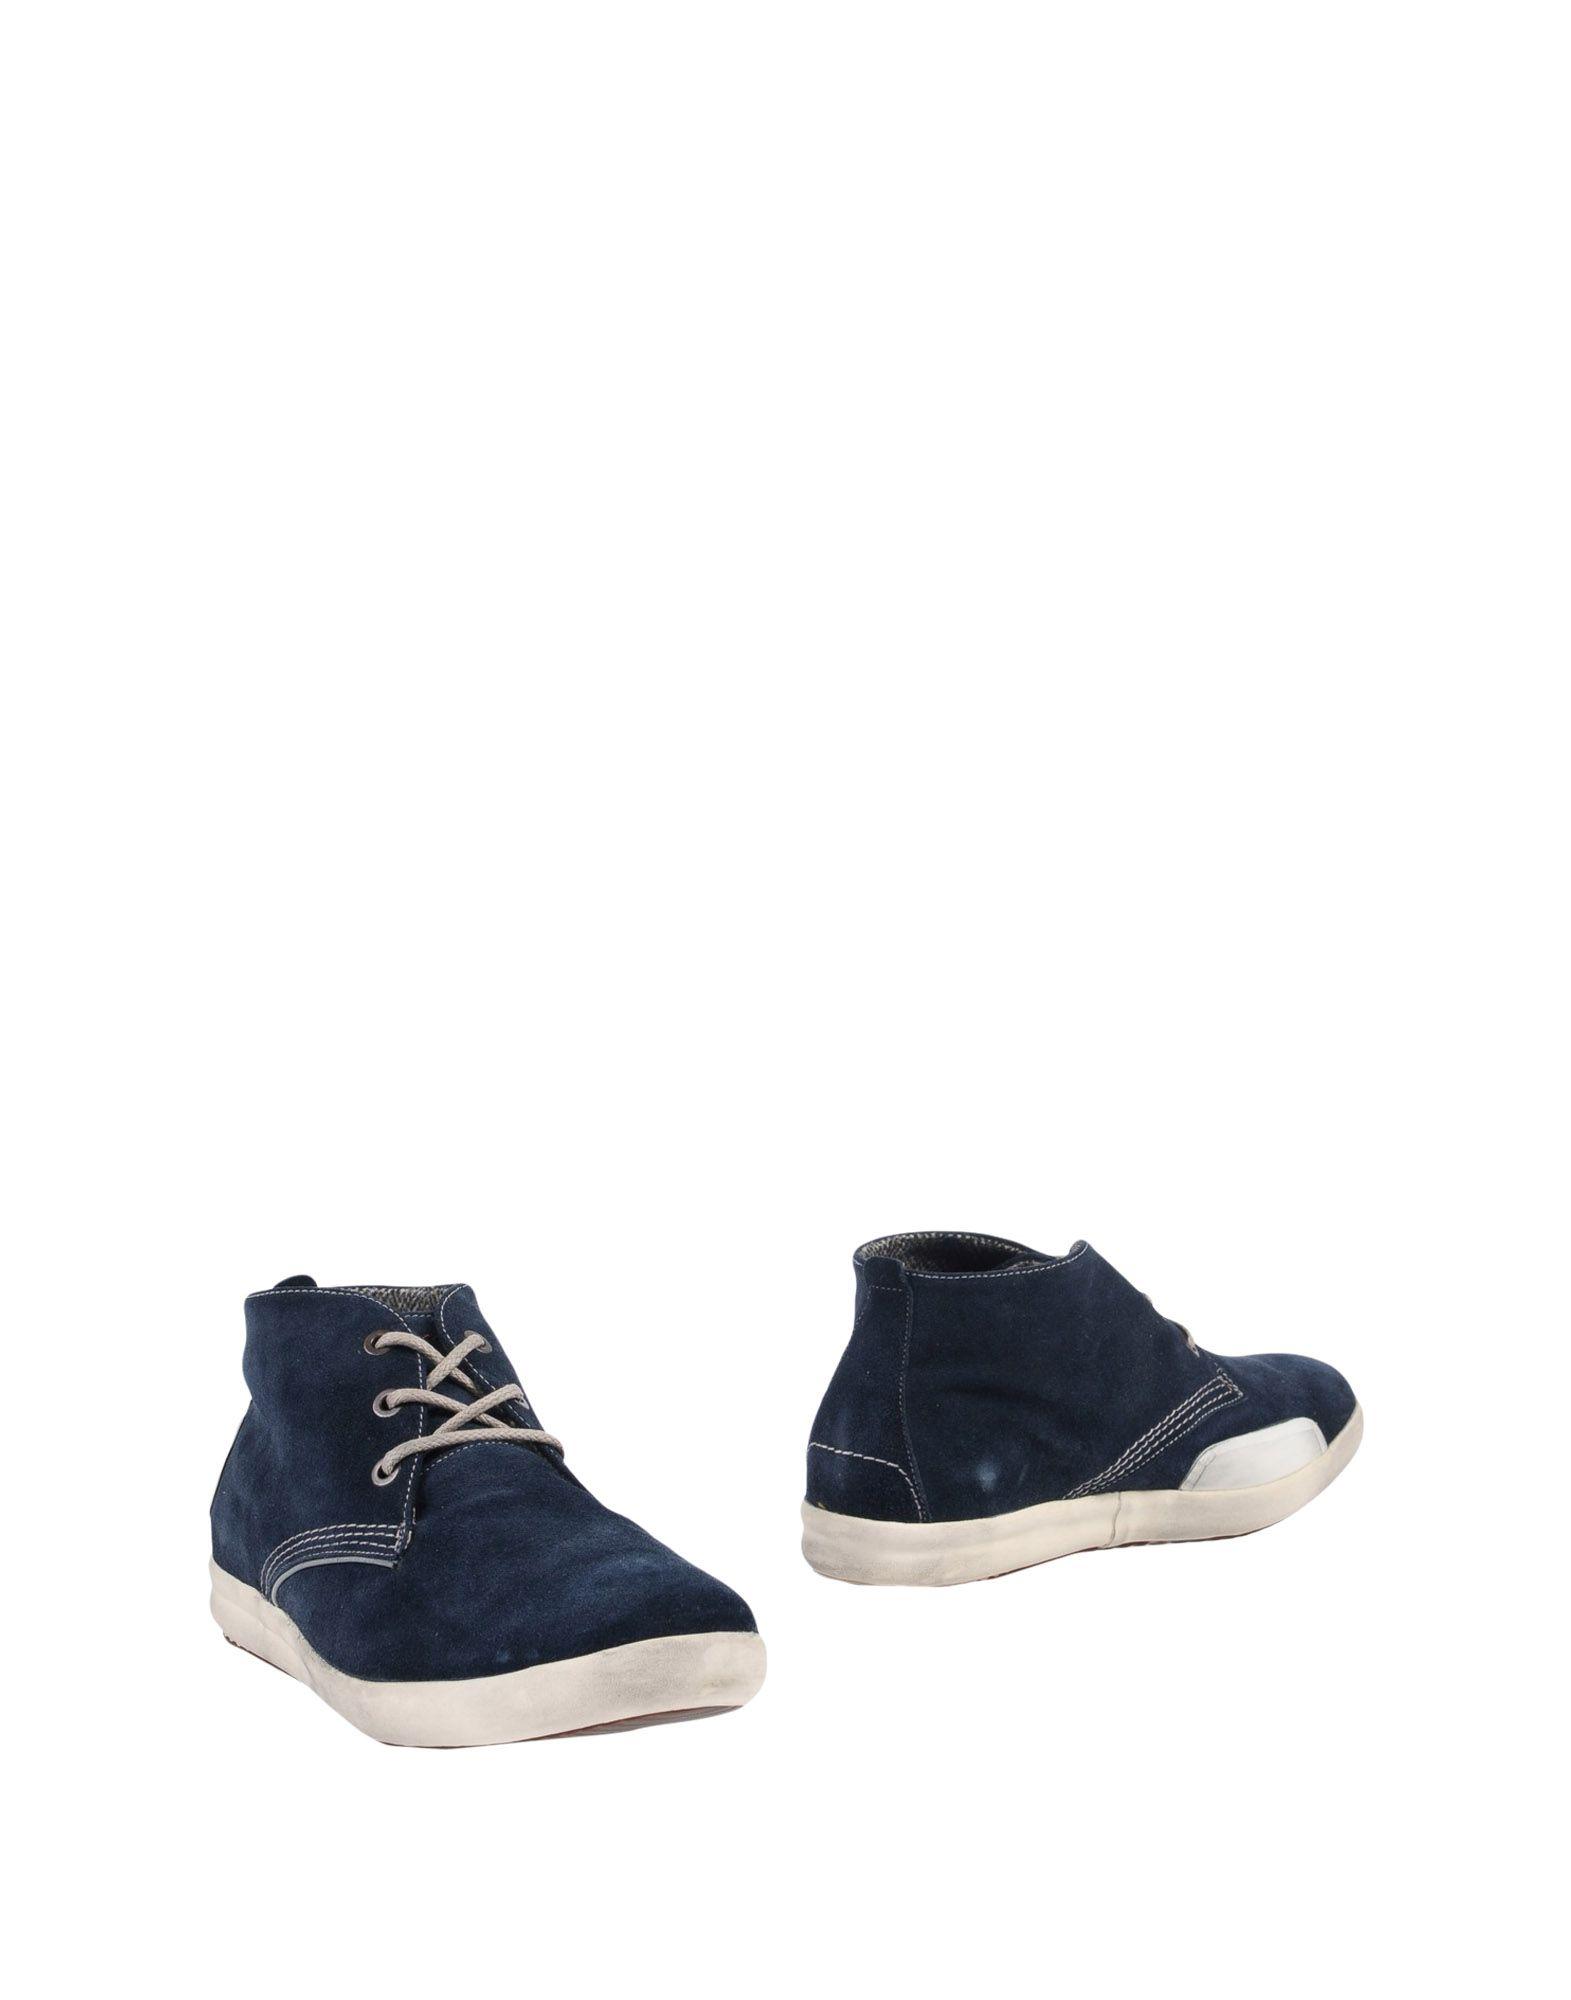 Rabatt echte Schuhe Smith's American Stiefelette Herren  11439562JR